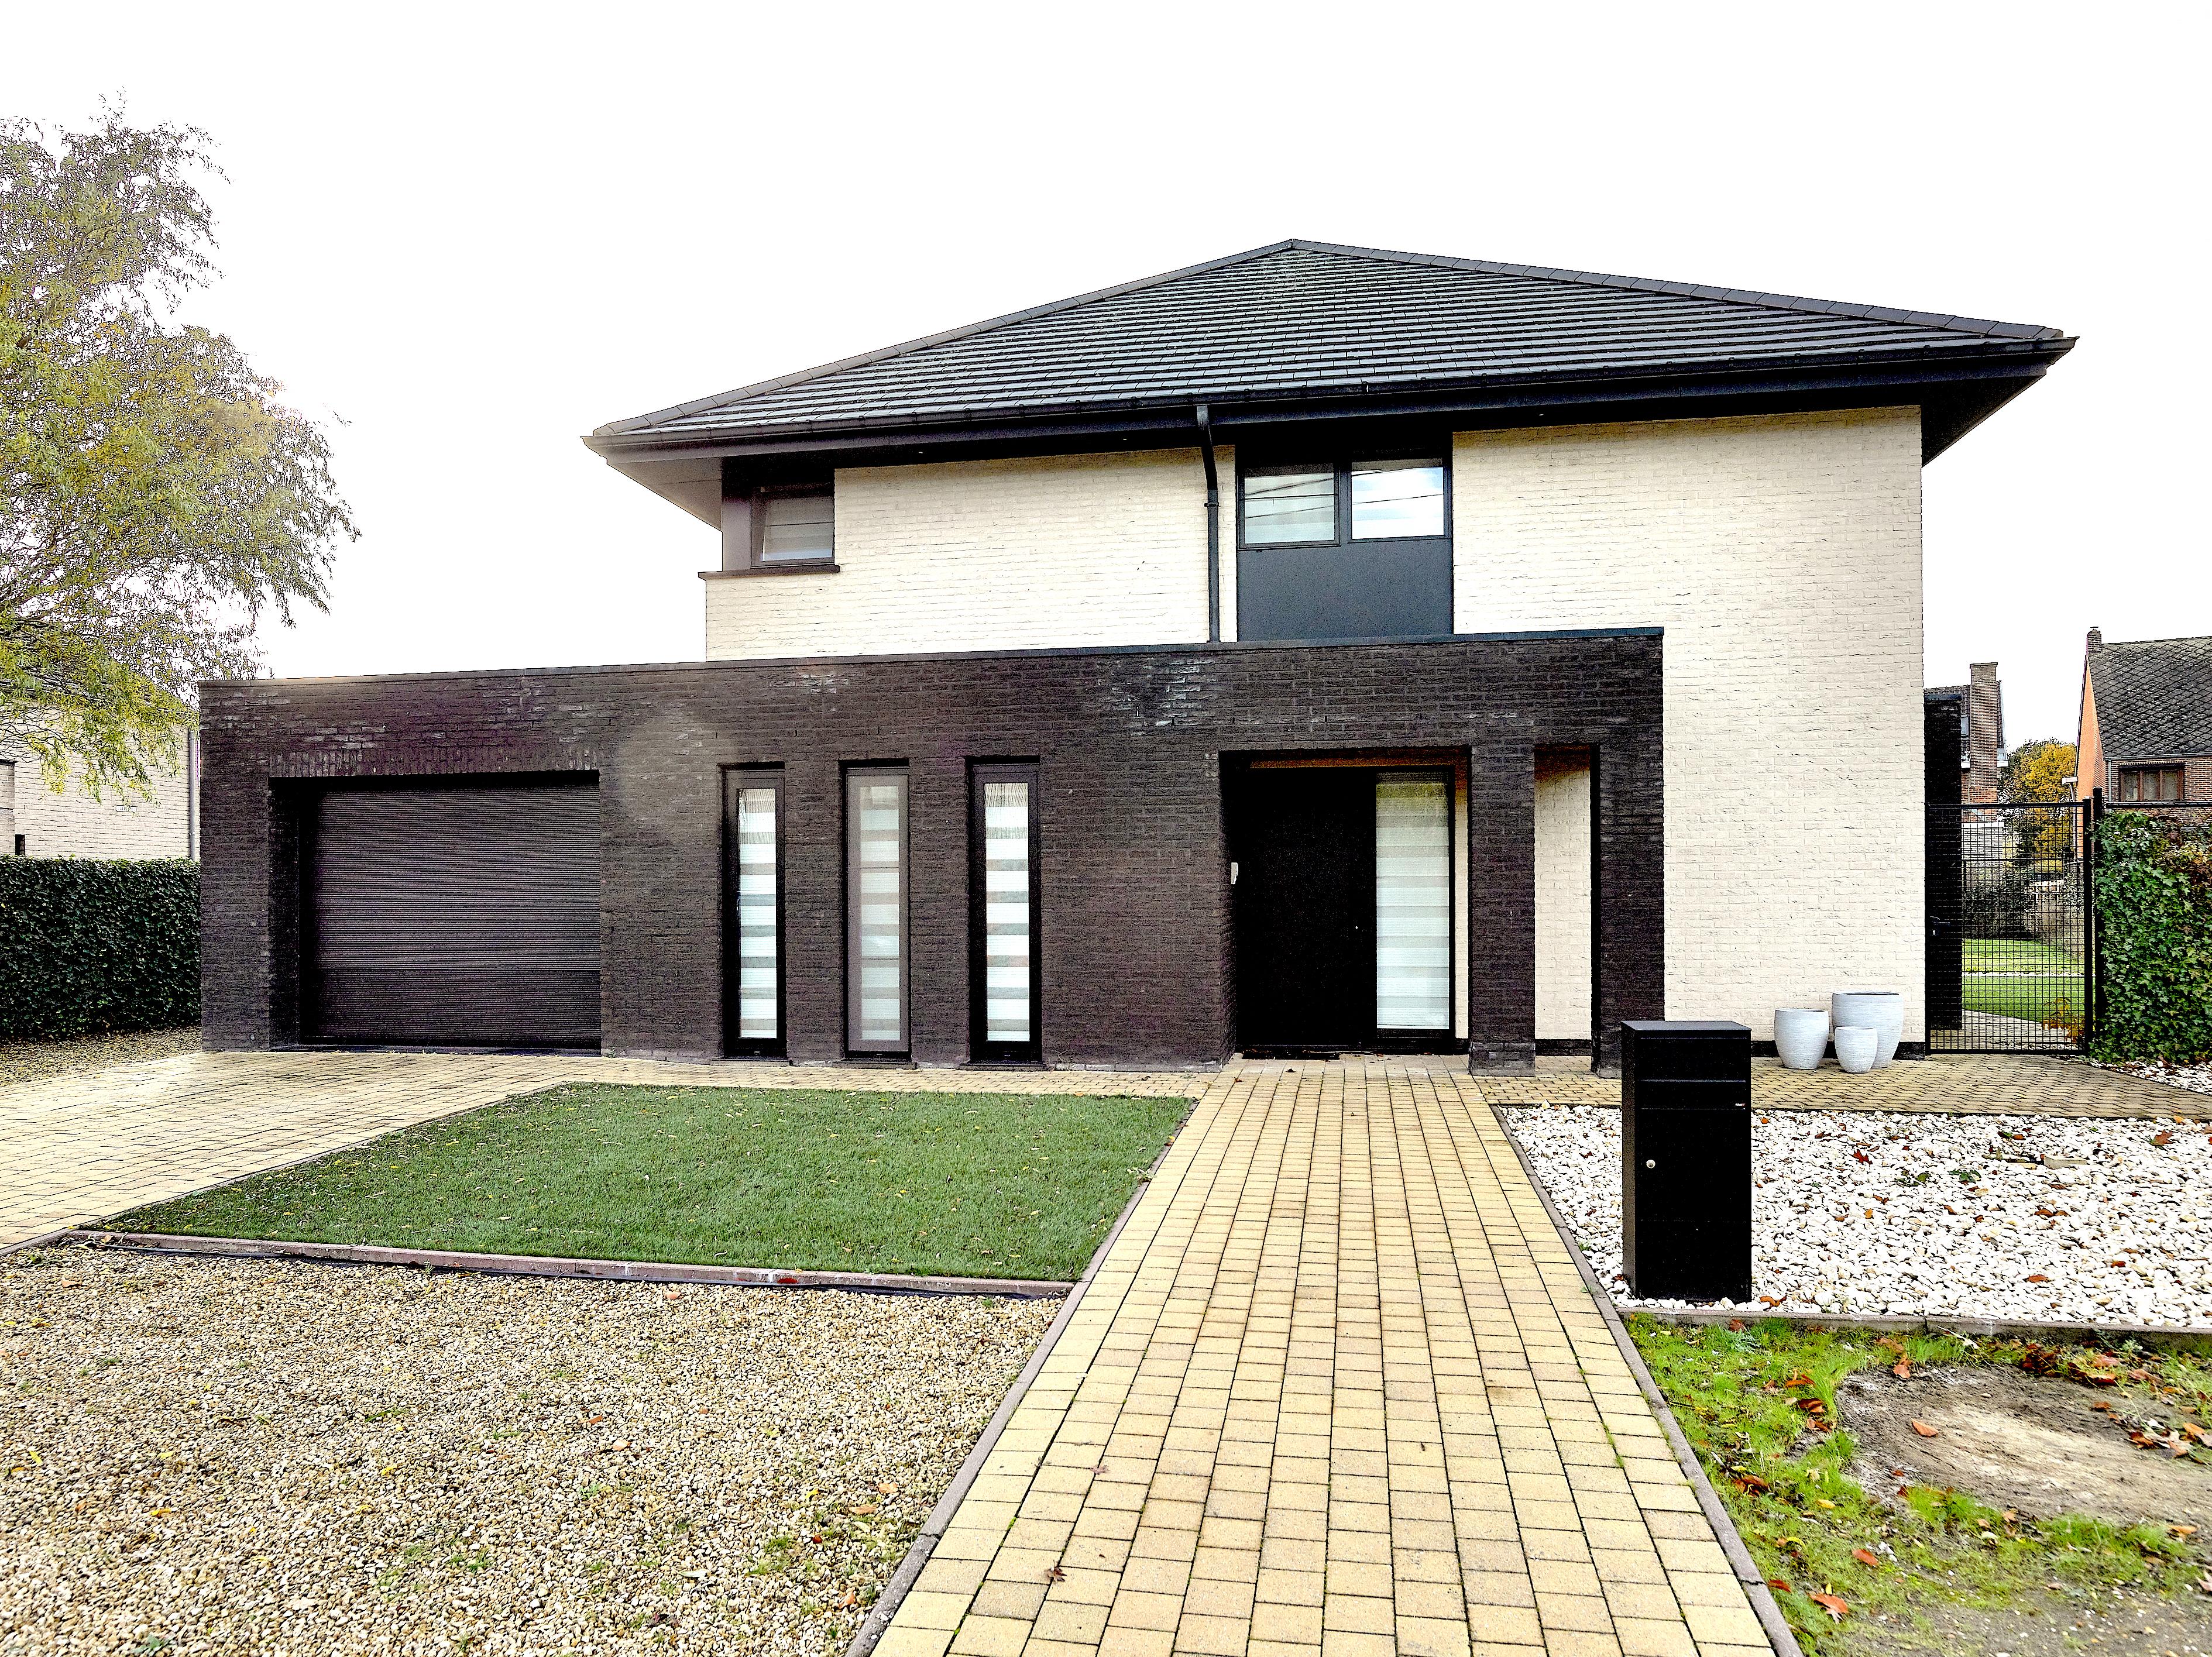 Sarchis architecten-woning-Houthalen-013